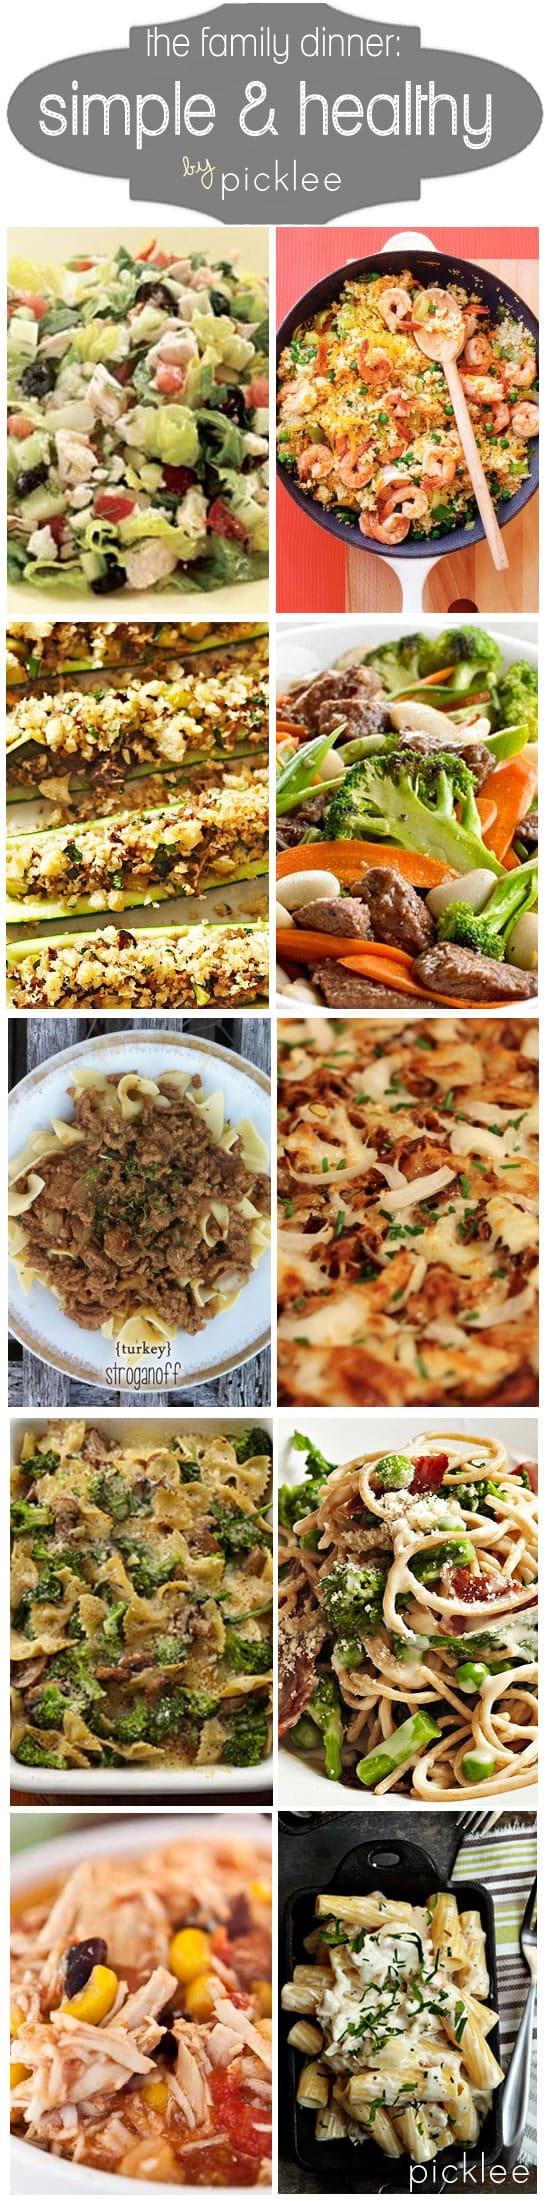 Easy Healthy Weeknight Dinners  10 Simple & Healthy Weeknight Dinners [recipes] Picklee